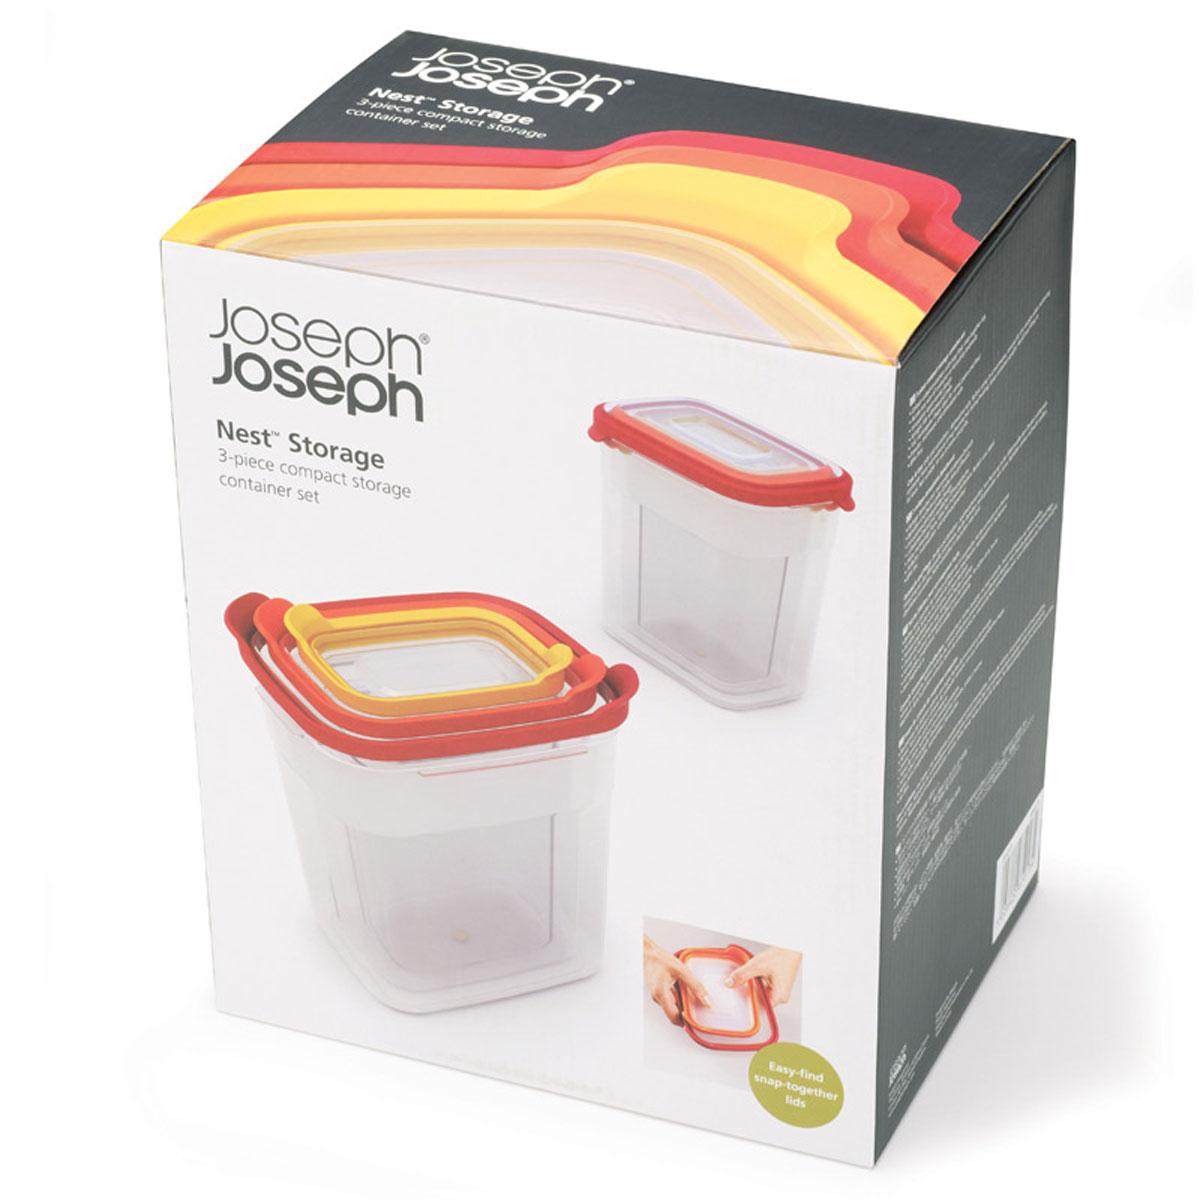 Набор контейнеров Joseph Joseph Nest для пищевых продуктов, 3 штFA-5125 WhiteНабор Joseph Joseph Nest из трех глубоких контейнеров привлекательного яркого дизайна предназначен специально для хранения пищевых продуктов. Контейнеры имеют прямоугольную форму и разные размеры. Крышки, изготовленные из силикона, легко открываются и плотно закрываются. Контейнеры устойчивы к воздействию масел и жиров, легко моются. Прозрачные стенки позволяют видеть содержимое контейнеров. Подходят для использования в микроволновых печах. Размер контейнеров (по верхнему краю): 17 см х 13 см; 15 см х 10 см; 12,5 см х 8 см.Высота контейнеров (без учета крышек): 18,5 см, 17,5 см; 16 см.